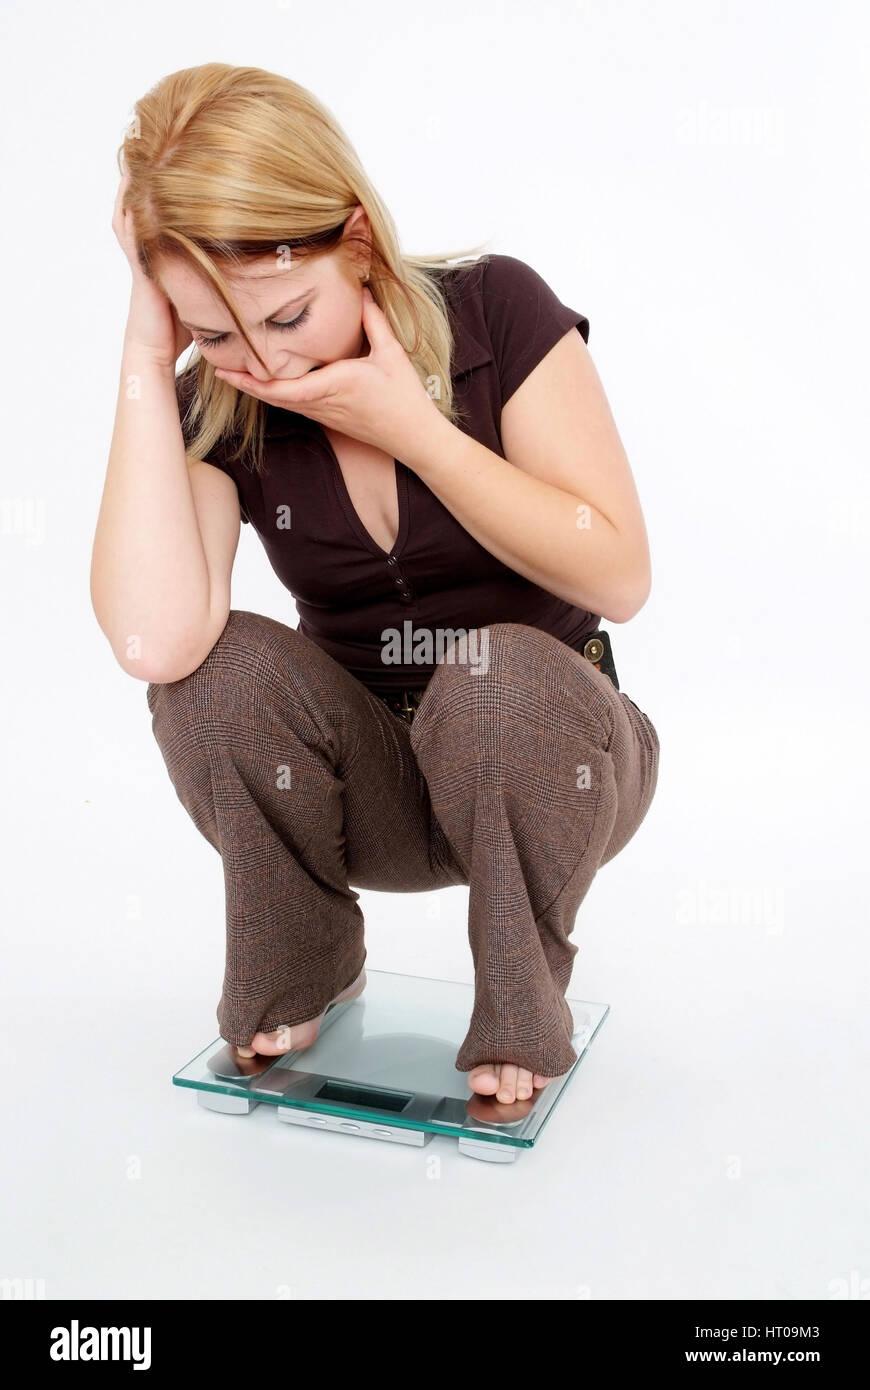 Juneg Frau Erschrickt Beim Blick Auf Die Waage - schockiert Frau im Maßstab Stockbild